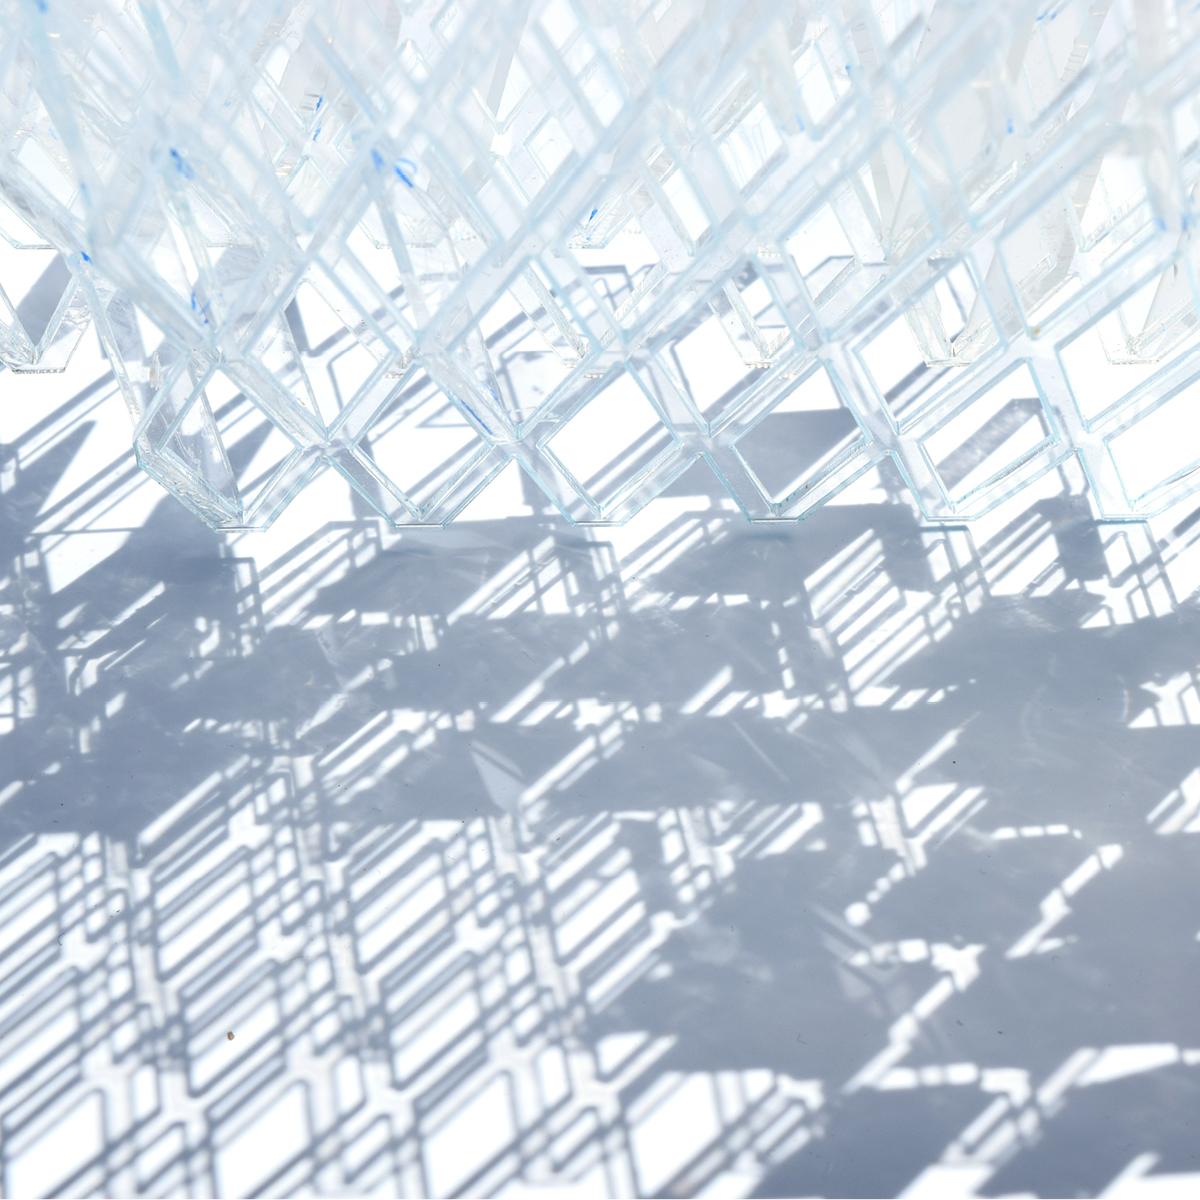 web images - spectroplexus5.jpg